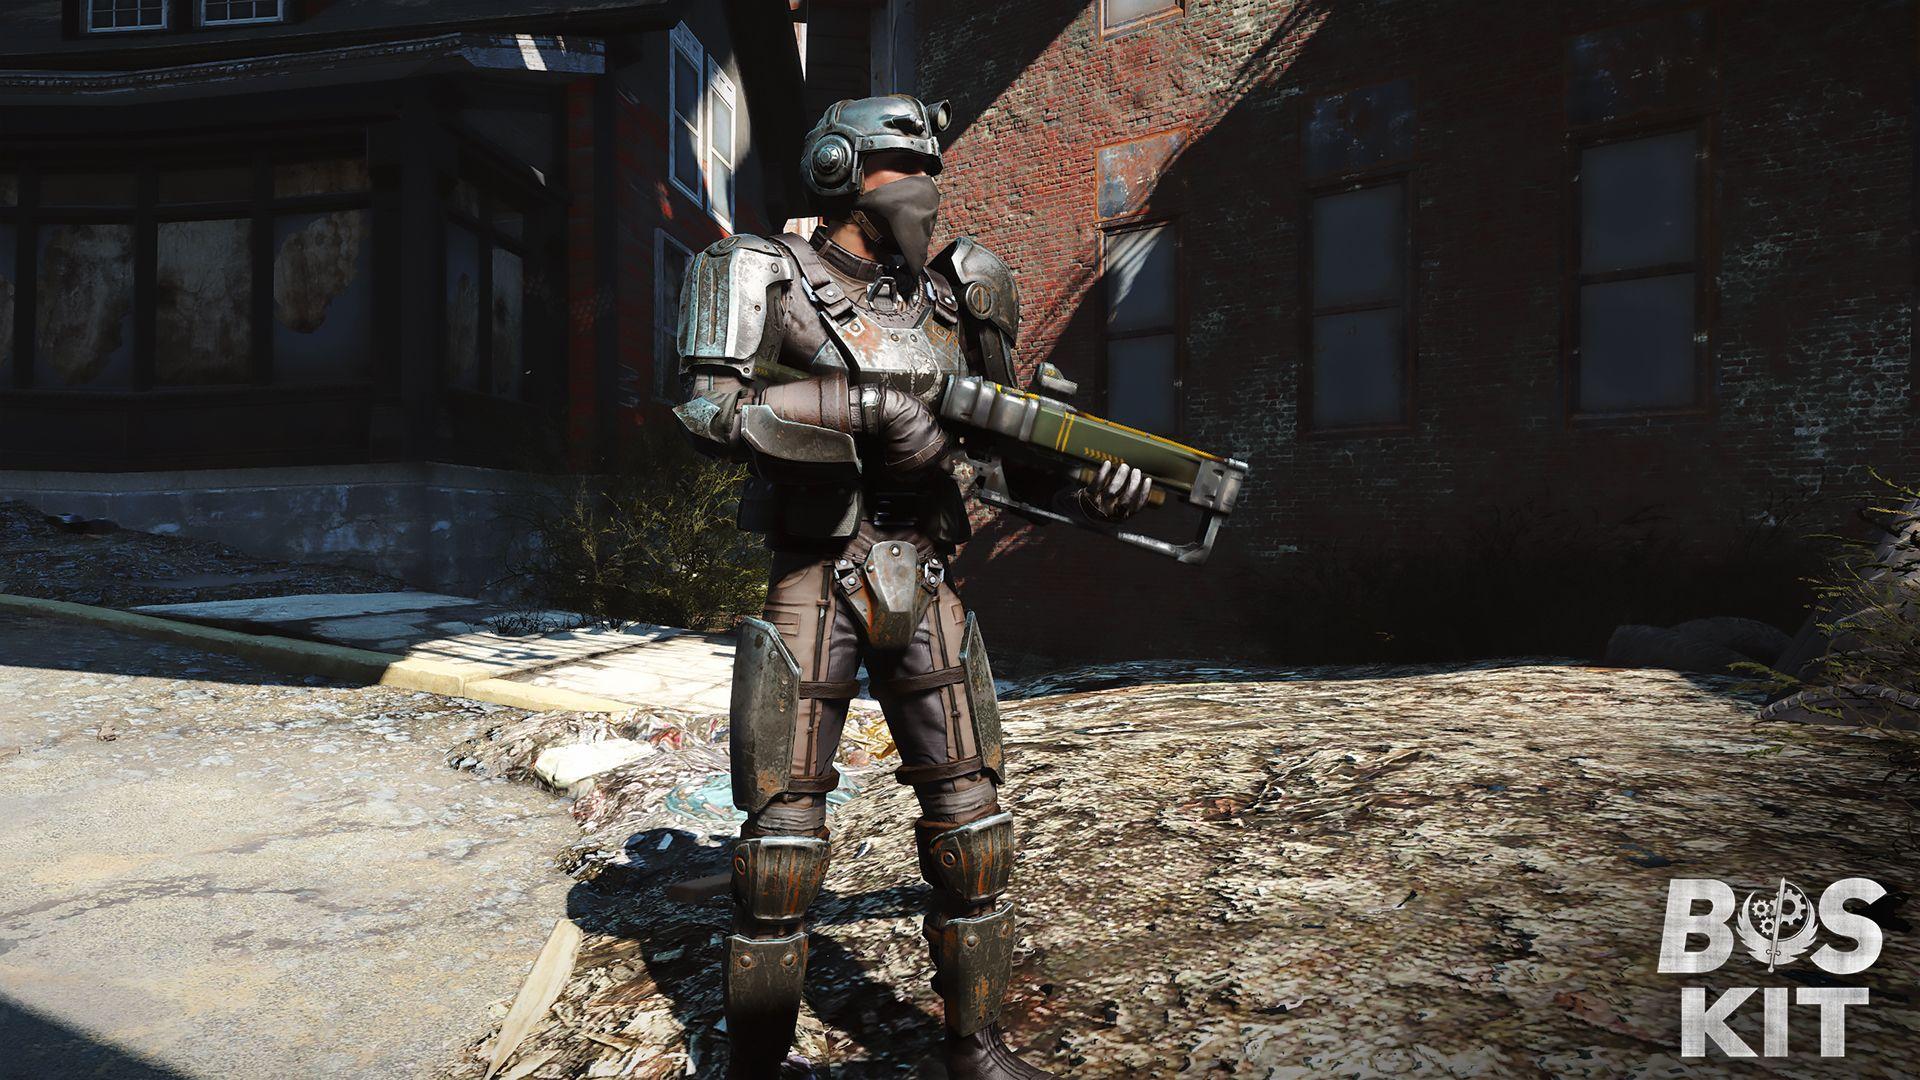 Brotherhood of Steel Kit (BOS Kit) at Fallout 4 Nexus - Mods